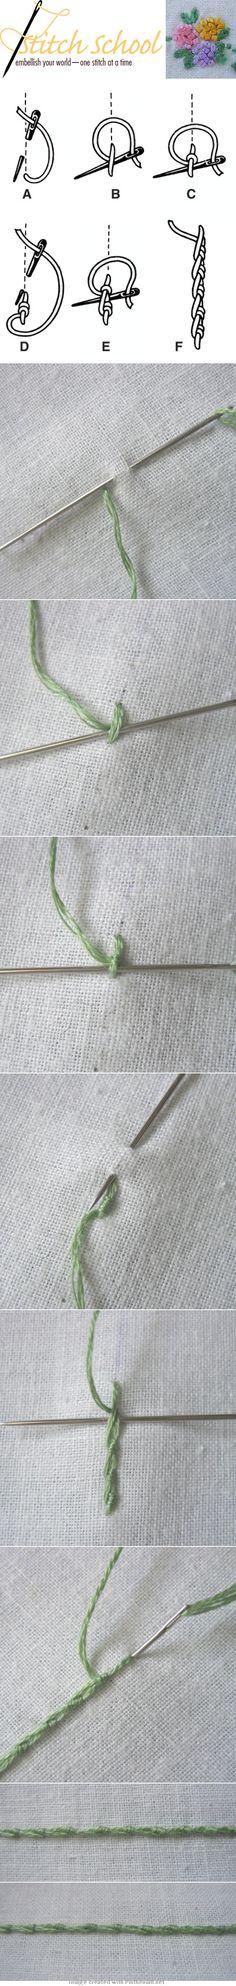 Portuguese Stem stitch ...... beautiful effect !!!